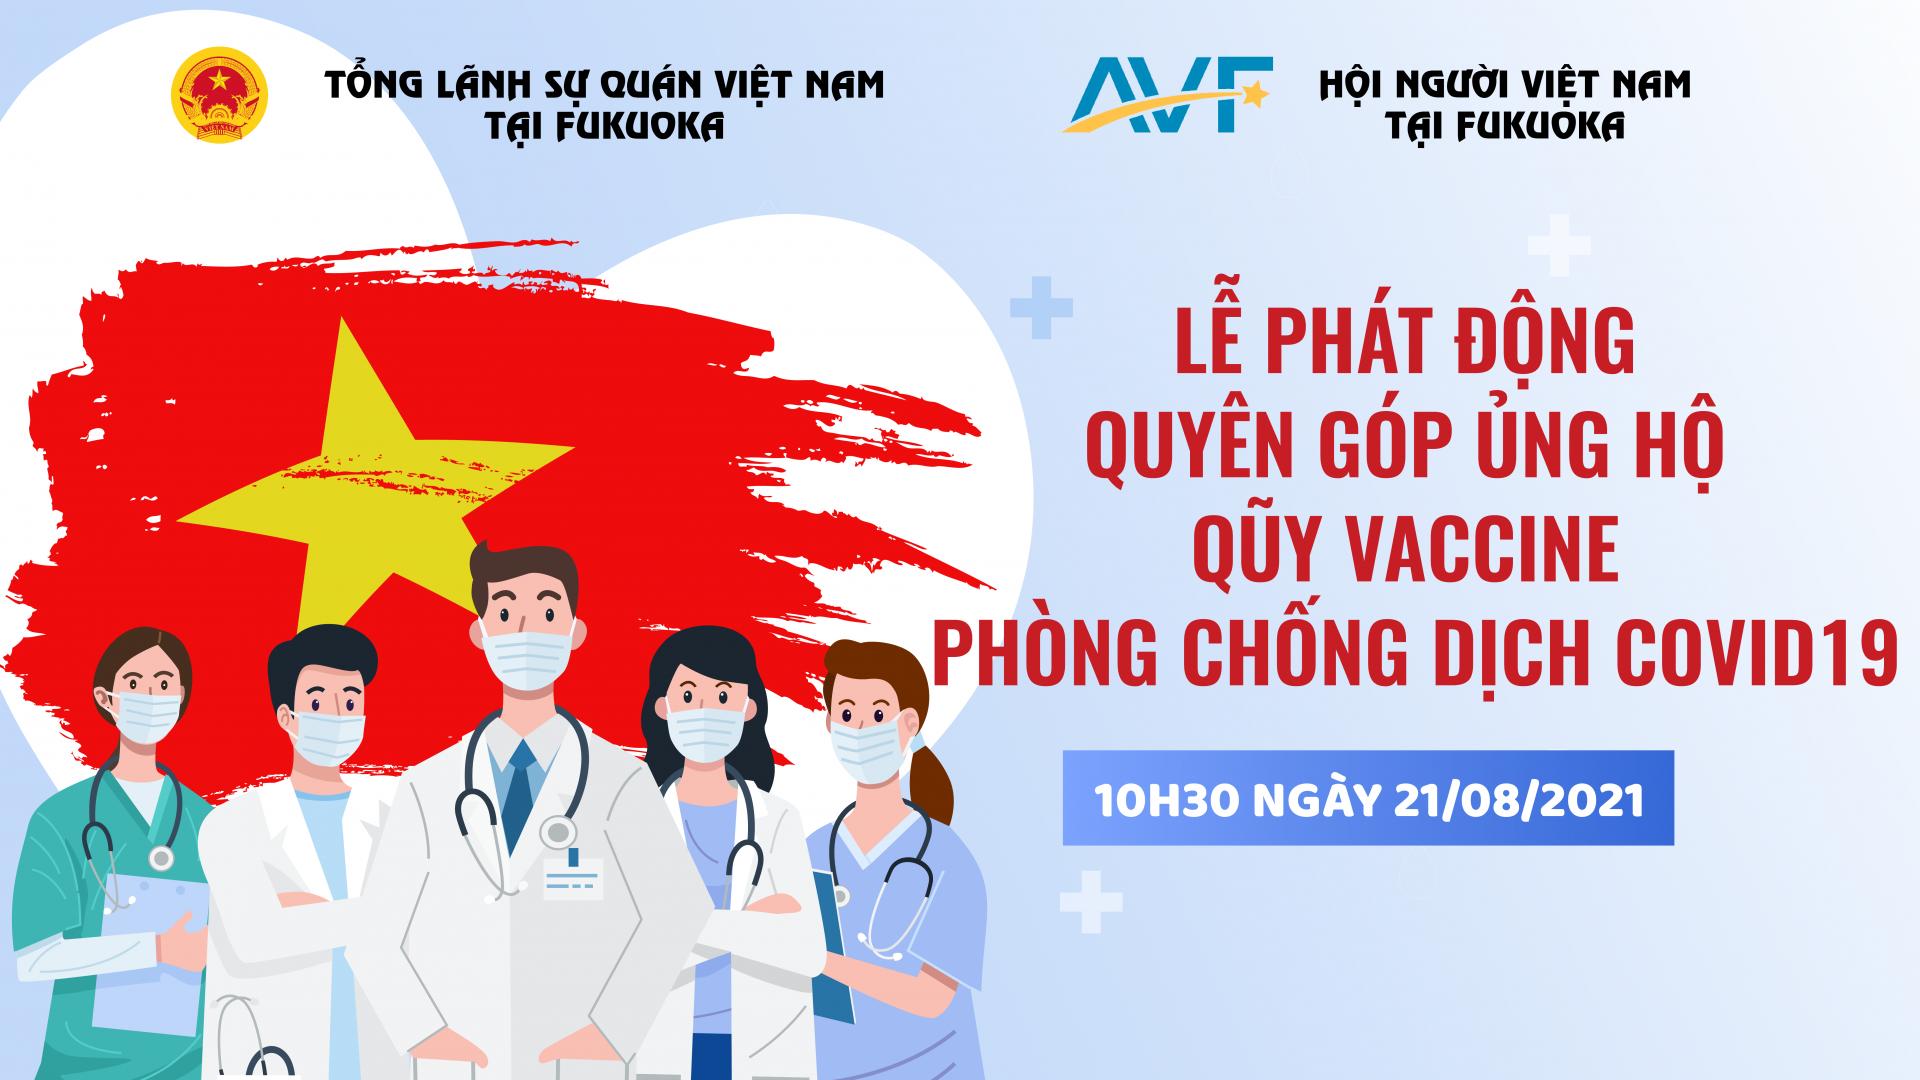 Tổng lãnh sự quán Việt Nam tại Fukuoka phát động Lễ quyên góp ủng hộ Quỹ Vaccine phòng chống Covid-19